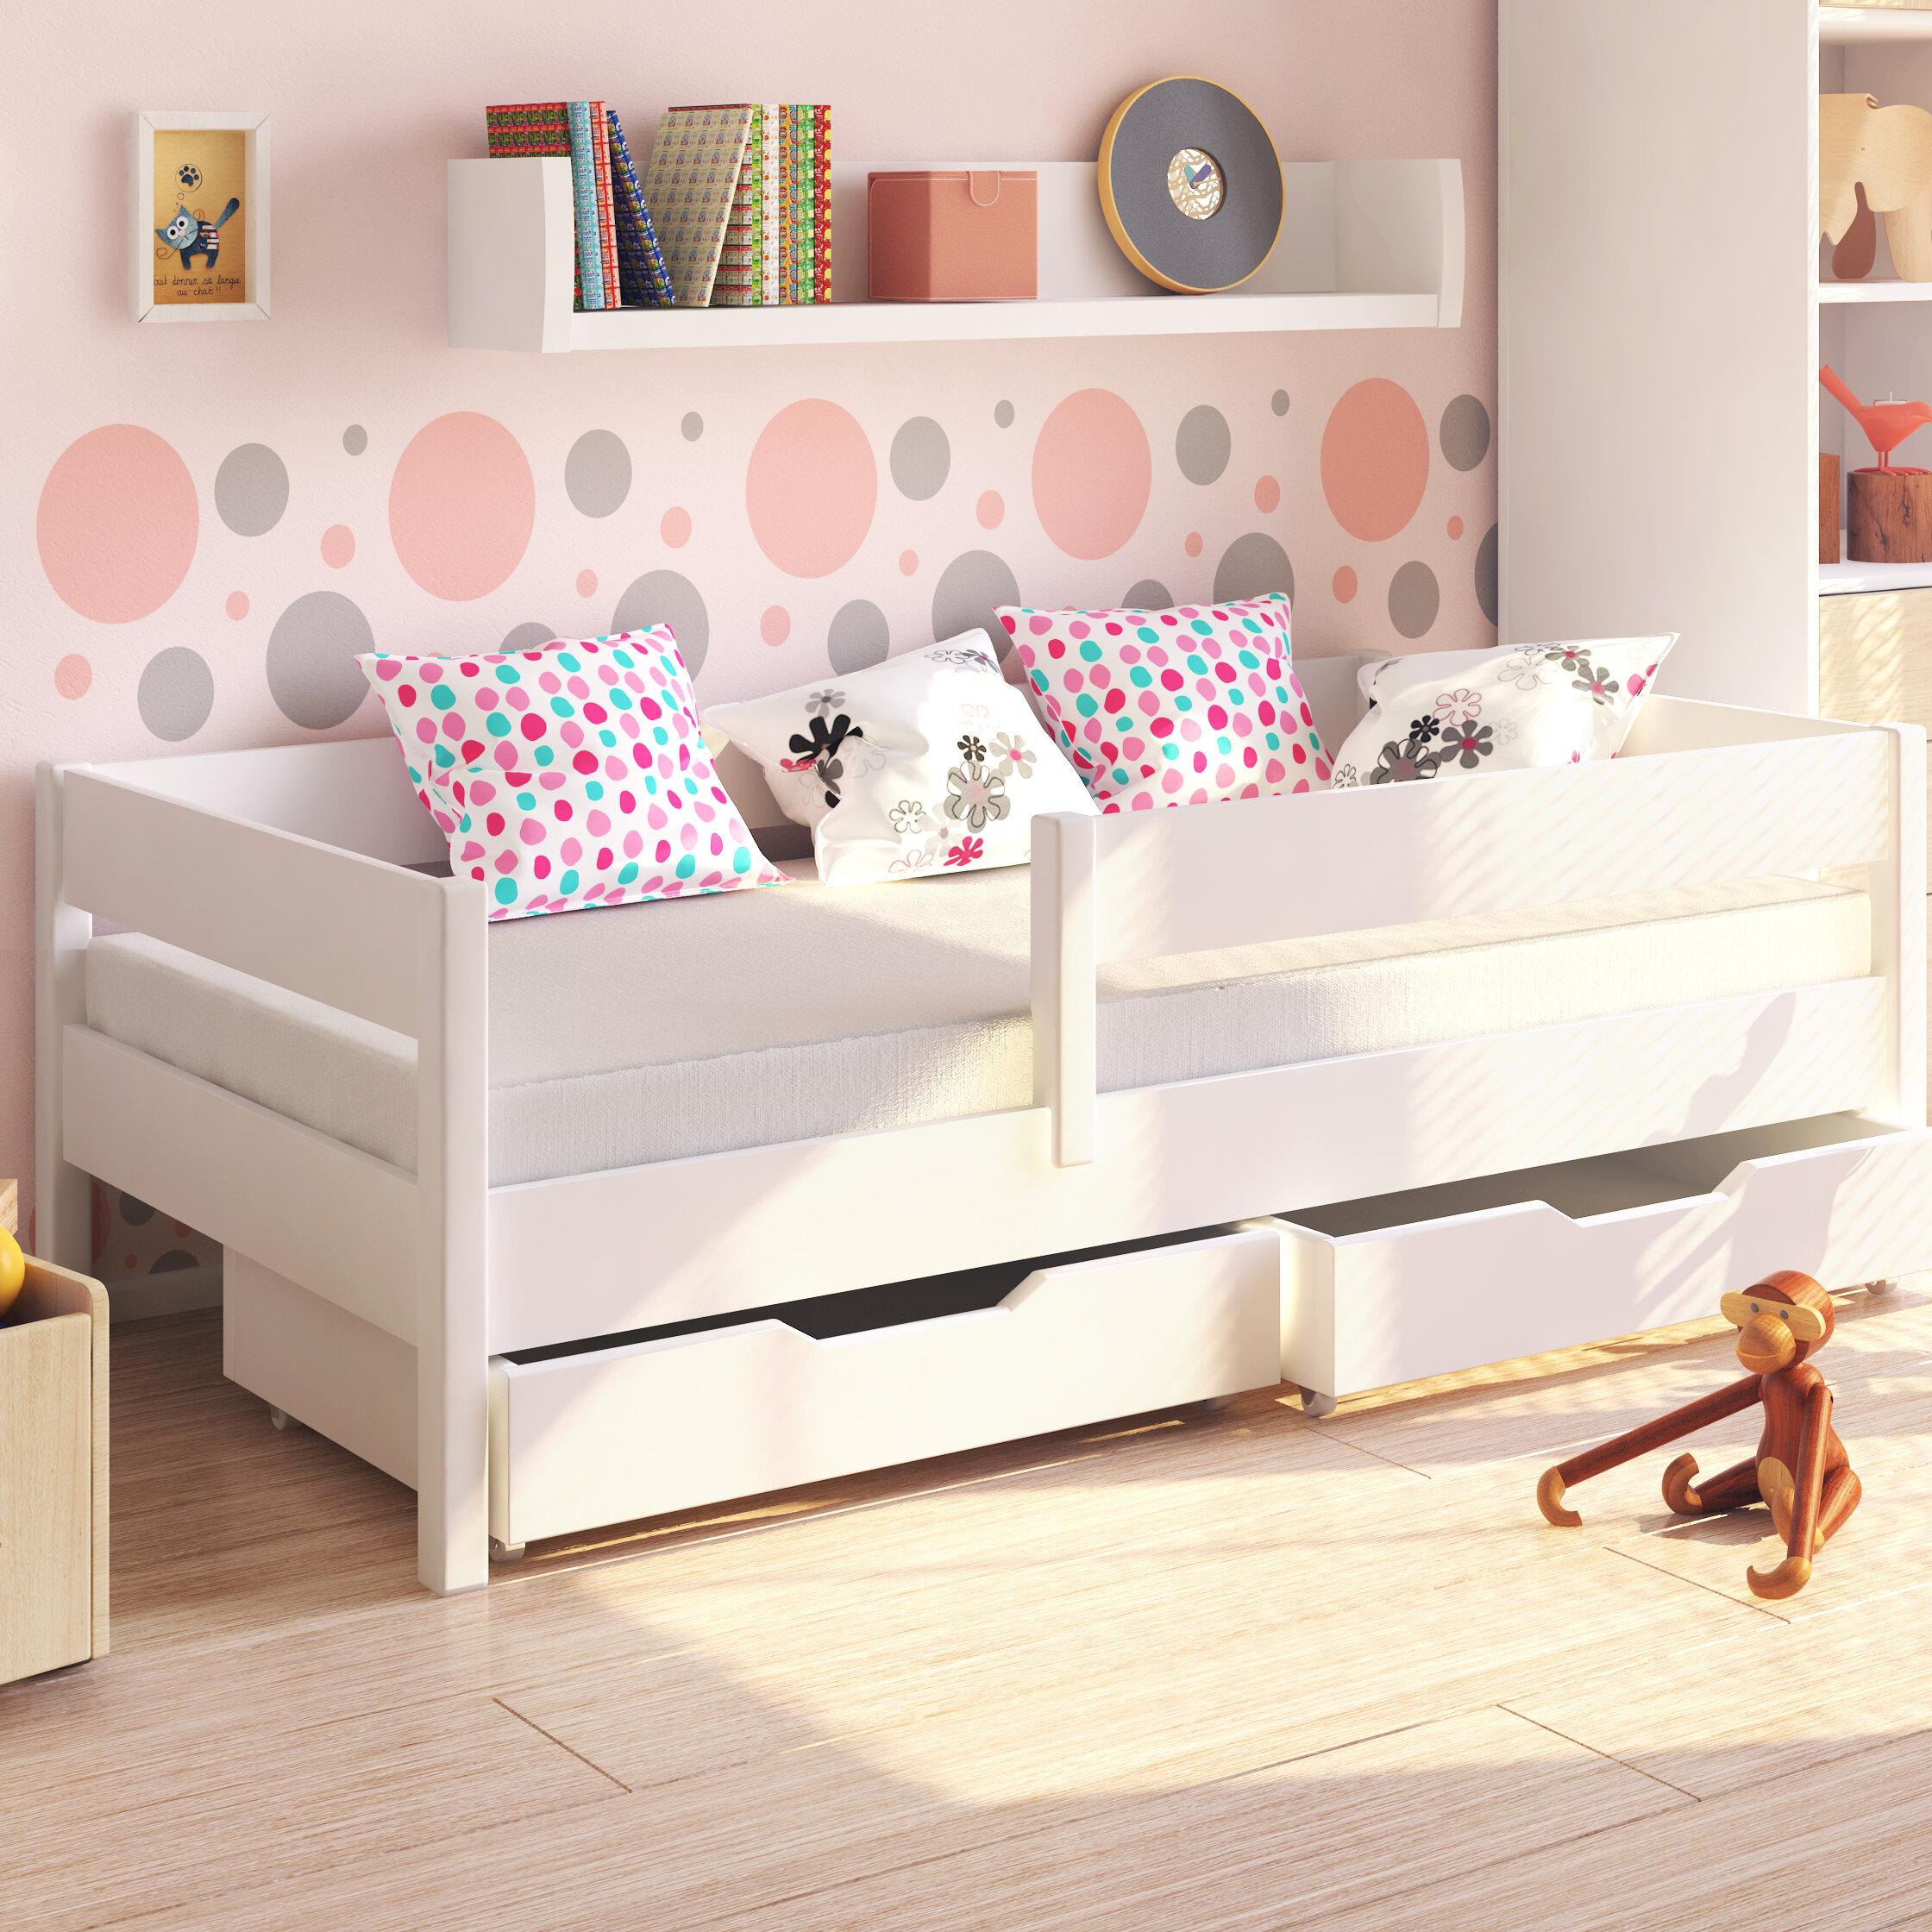 mit schubladen finest beste kleine kommode mit schubladen. Black Bedroom Furniture Sets. Home Design Ideas